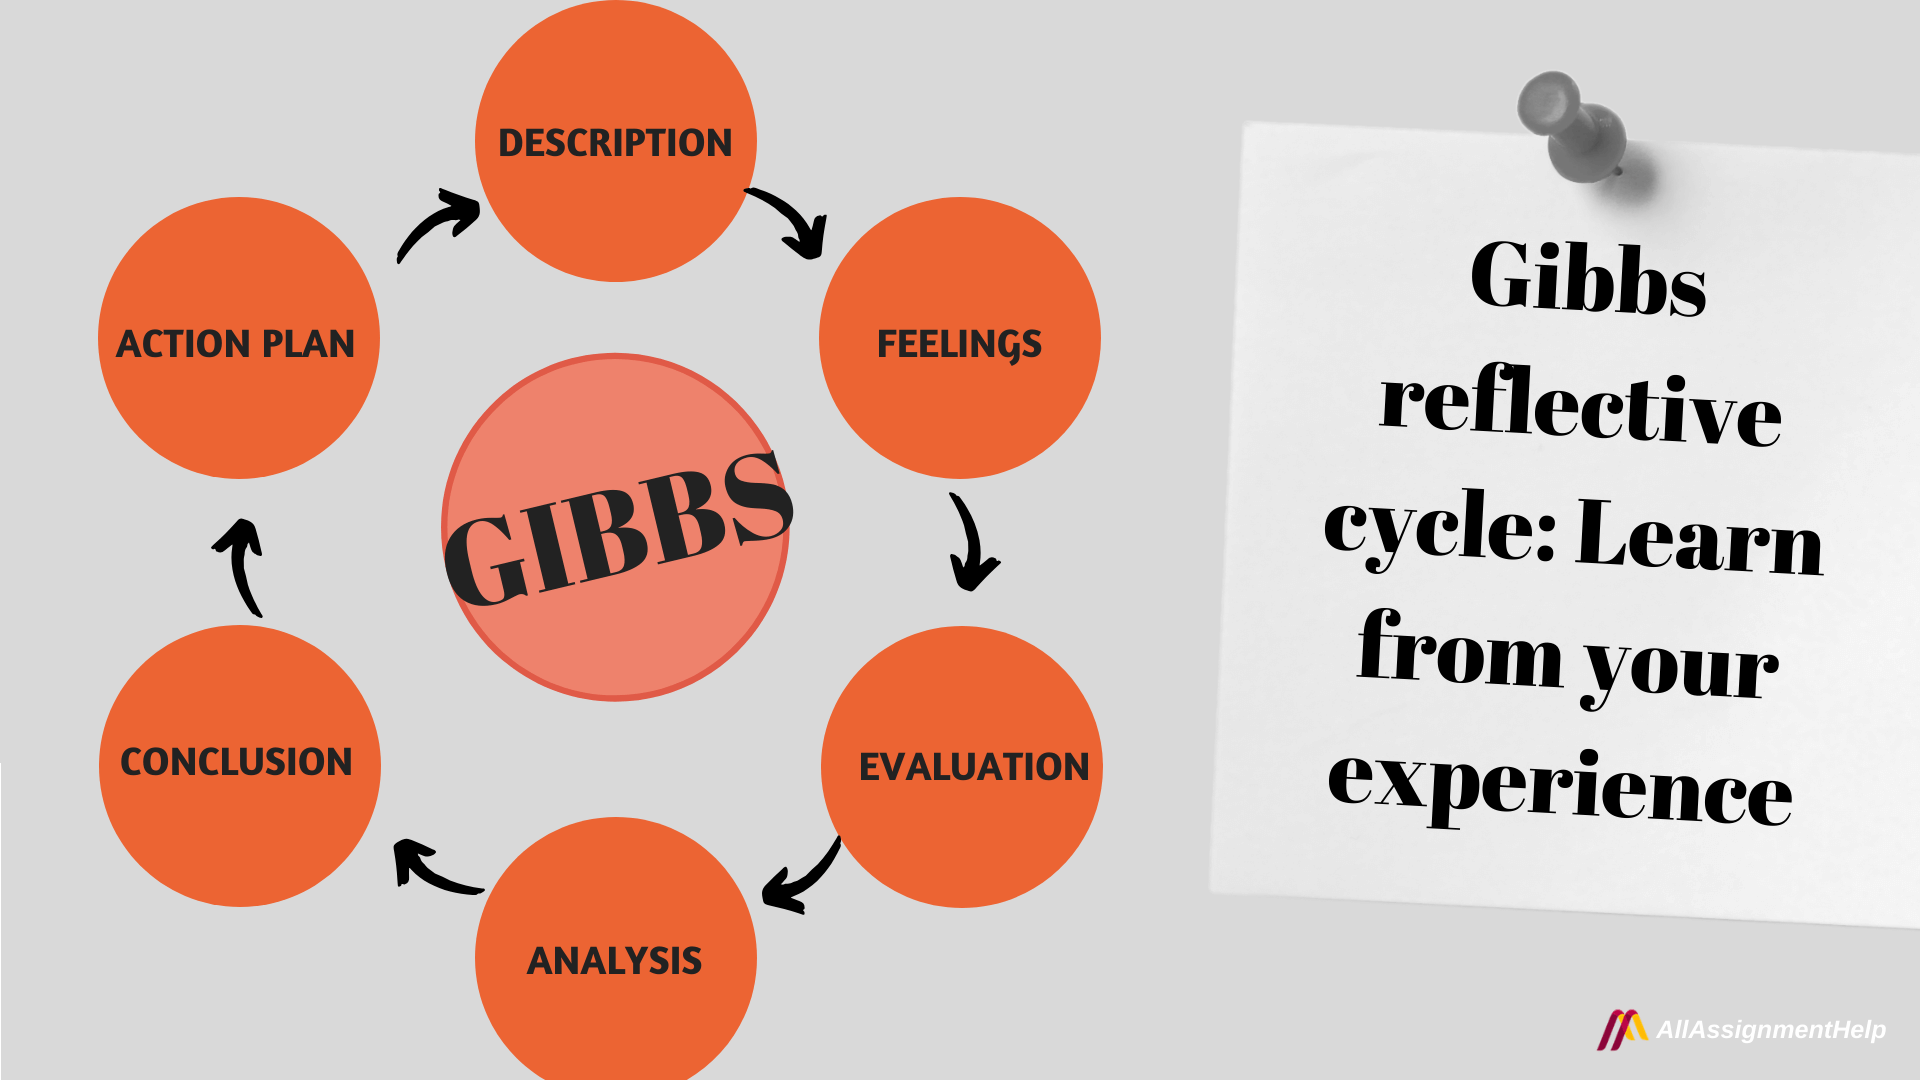 gibbs-reflective-cycle